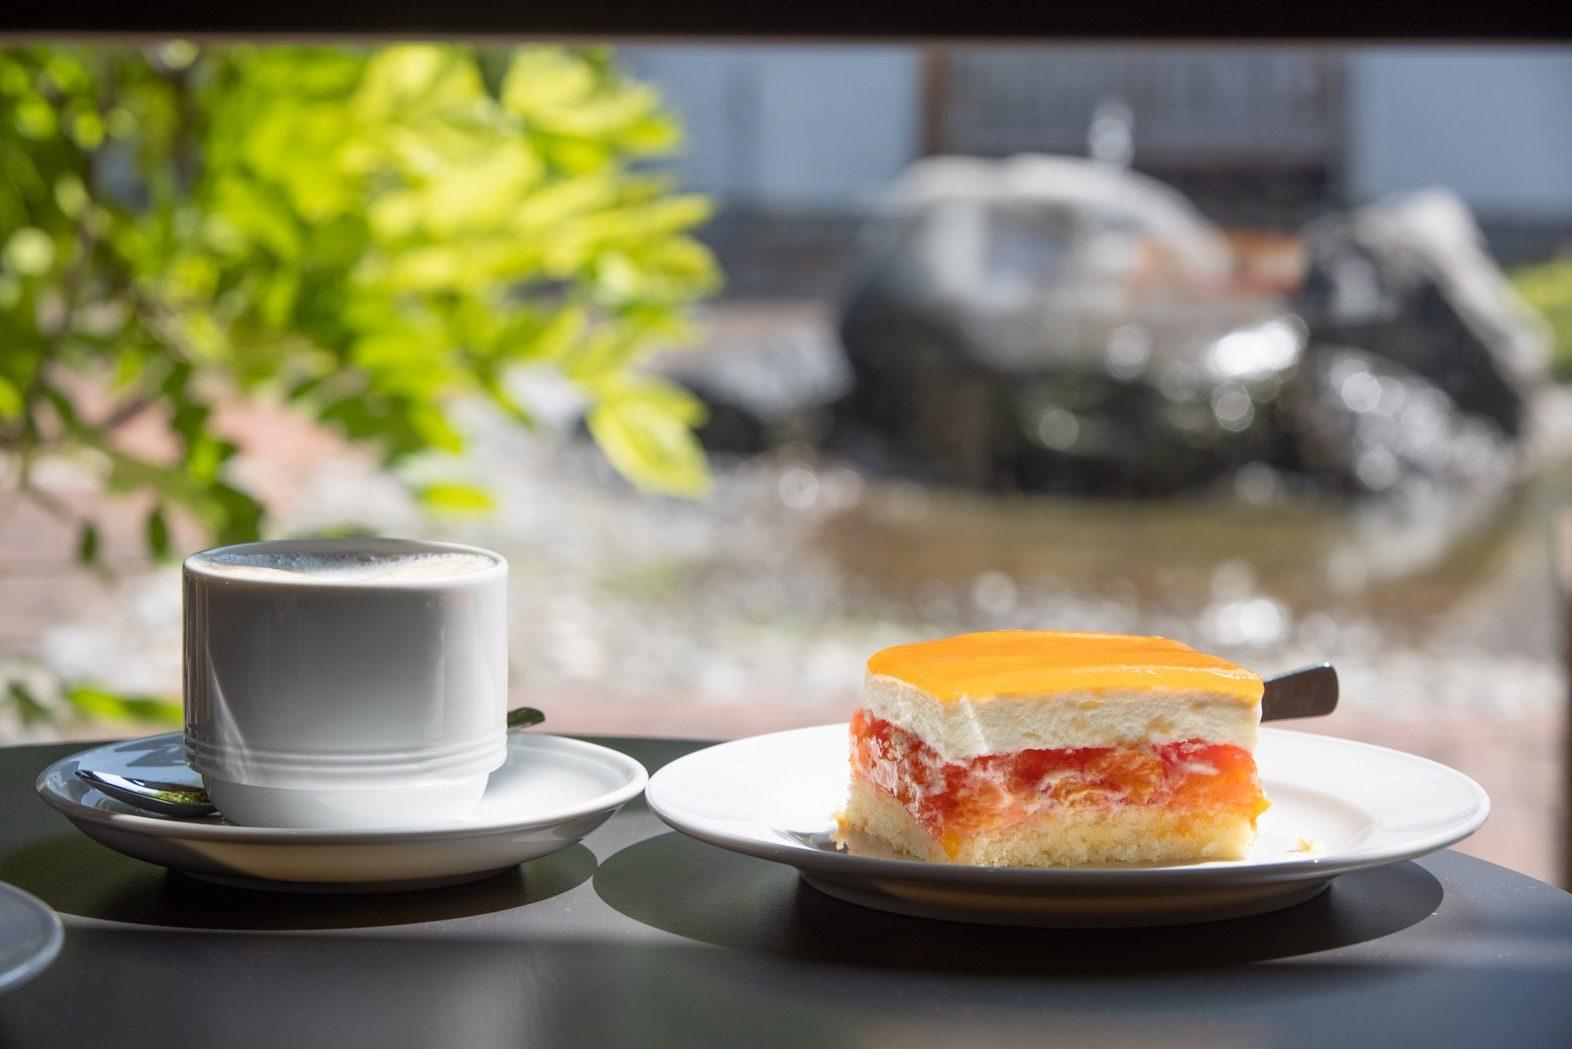 Stück Kuchen und Kaffee mit Hof im Hintergrund